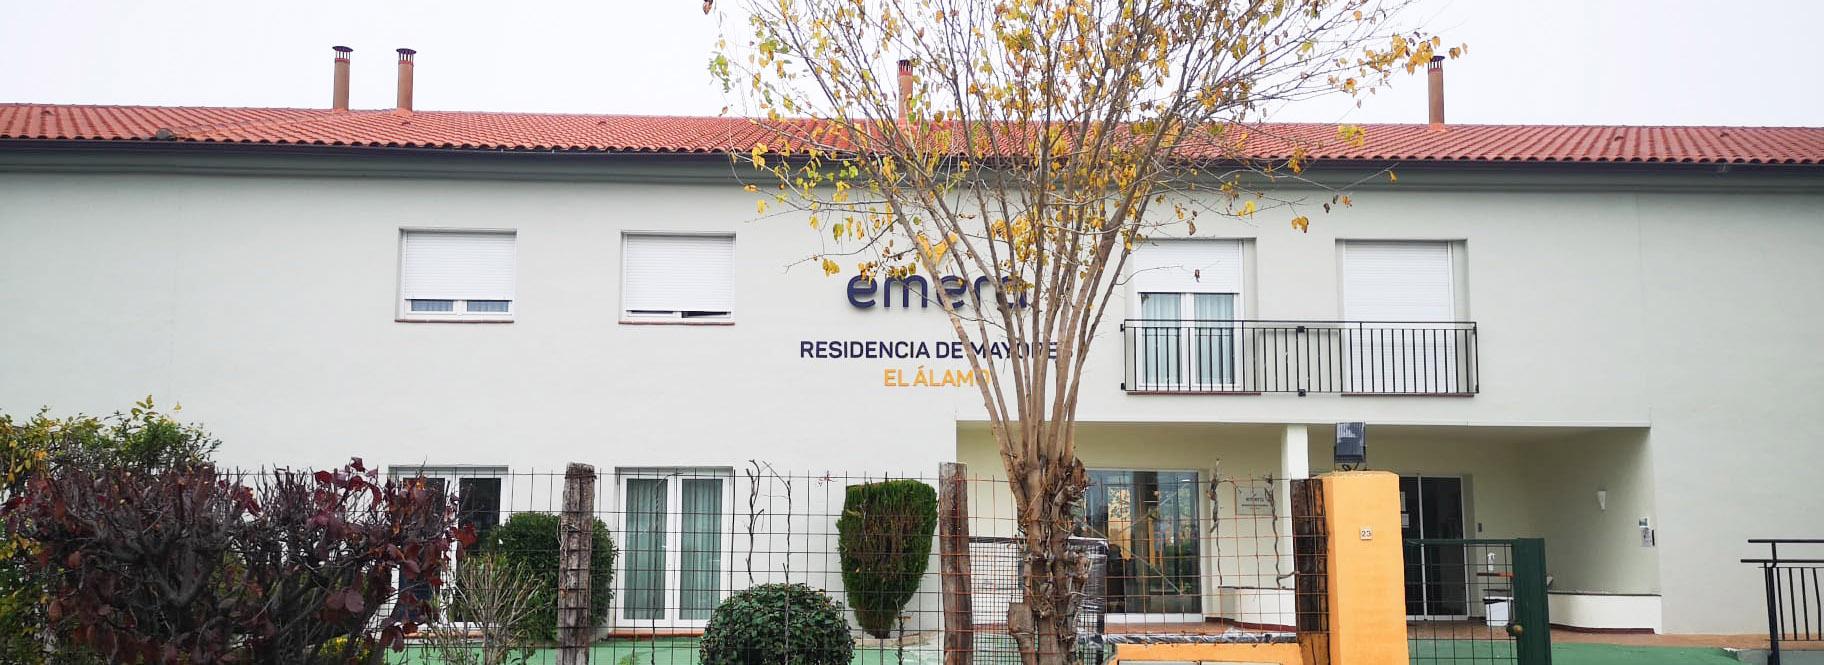 Residencia Emera El Álamo